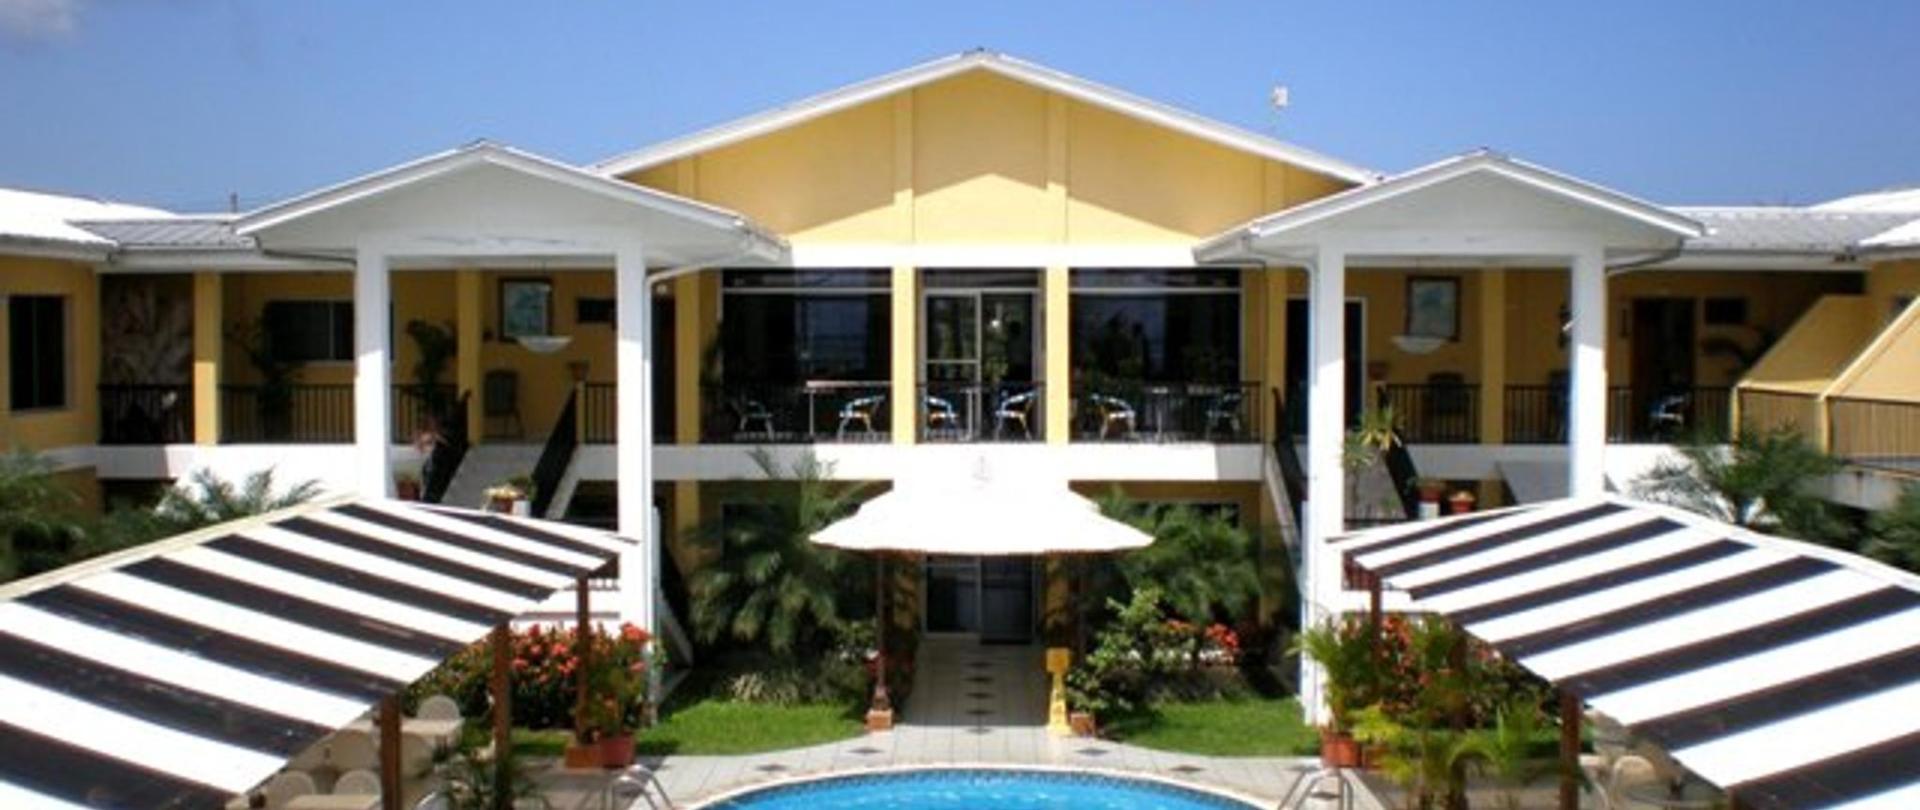 pool view (desde habitaciones).JPG